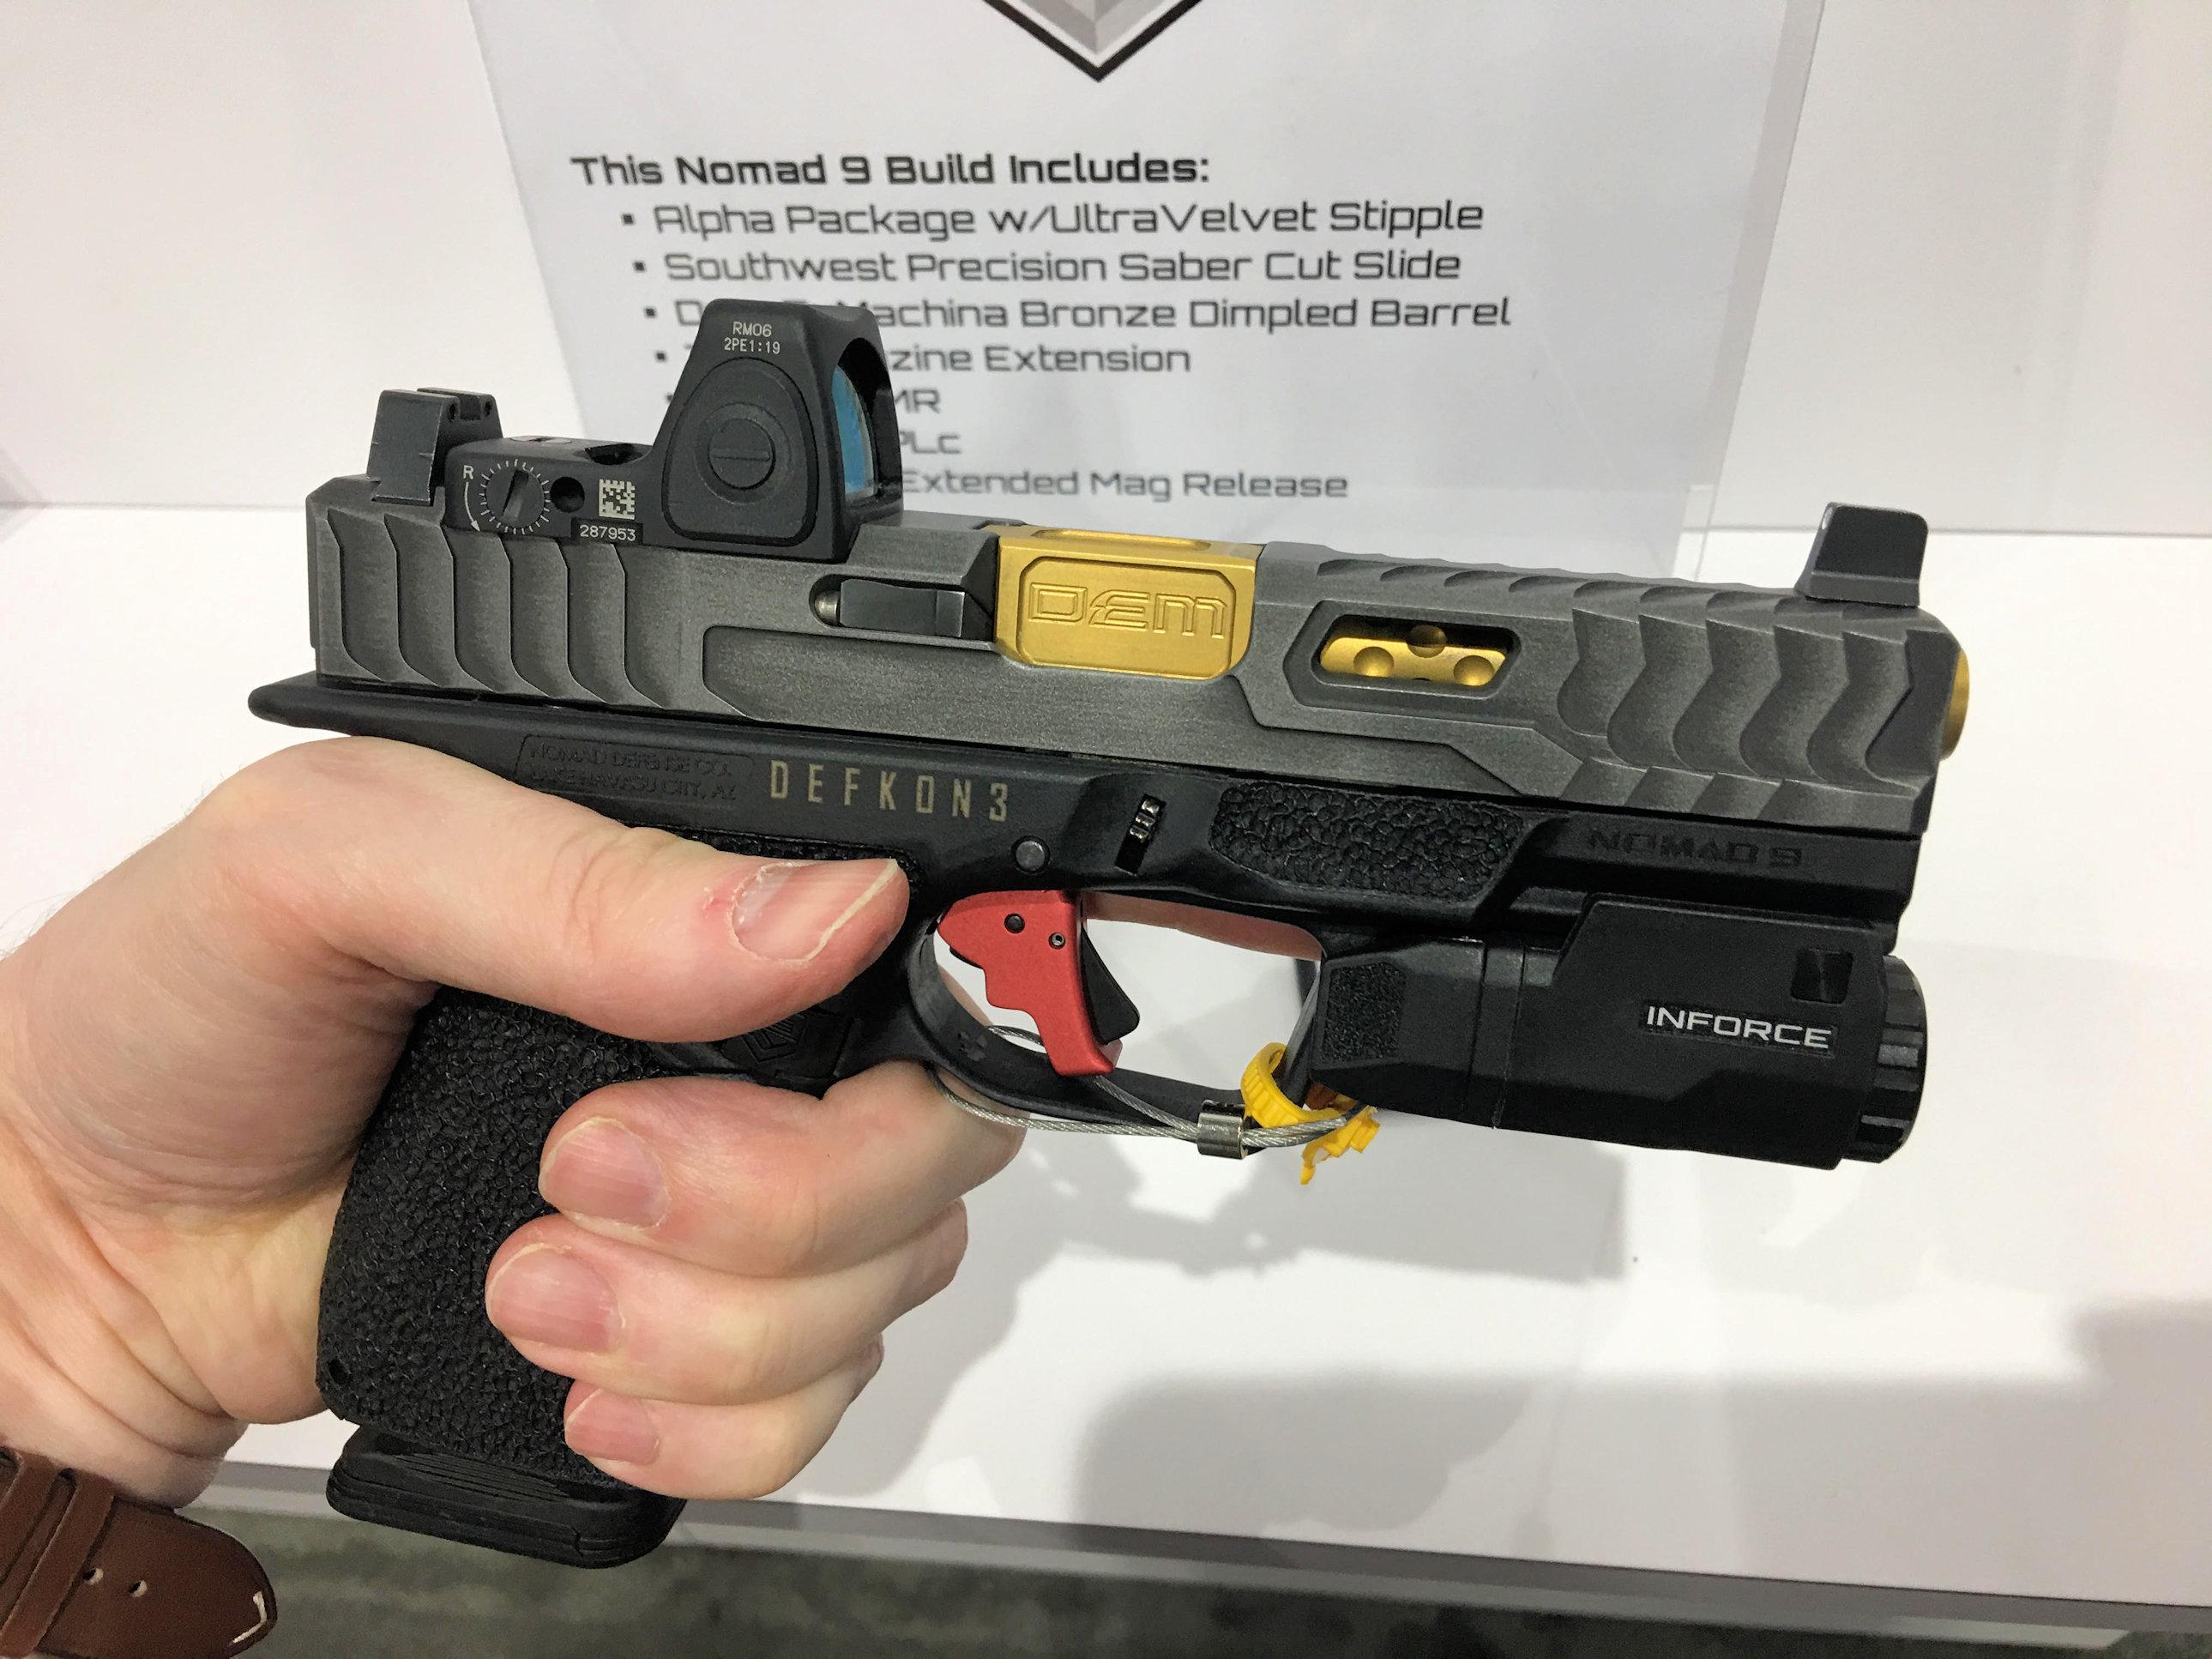 Nomad 9 Frame Aftermarket Gen4 Glock 19 (G19)-Type Modular